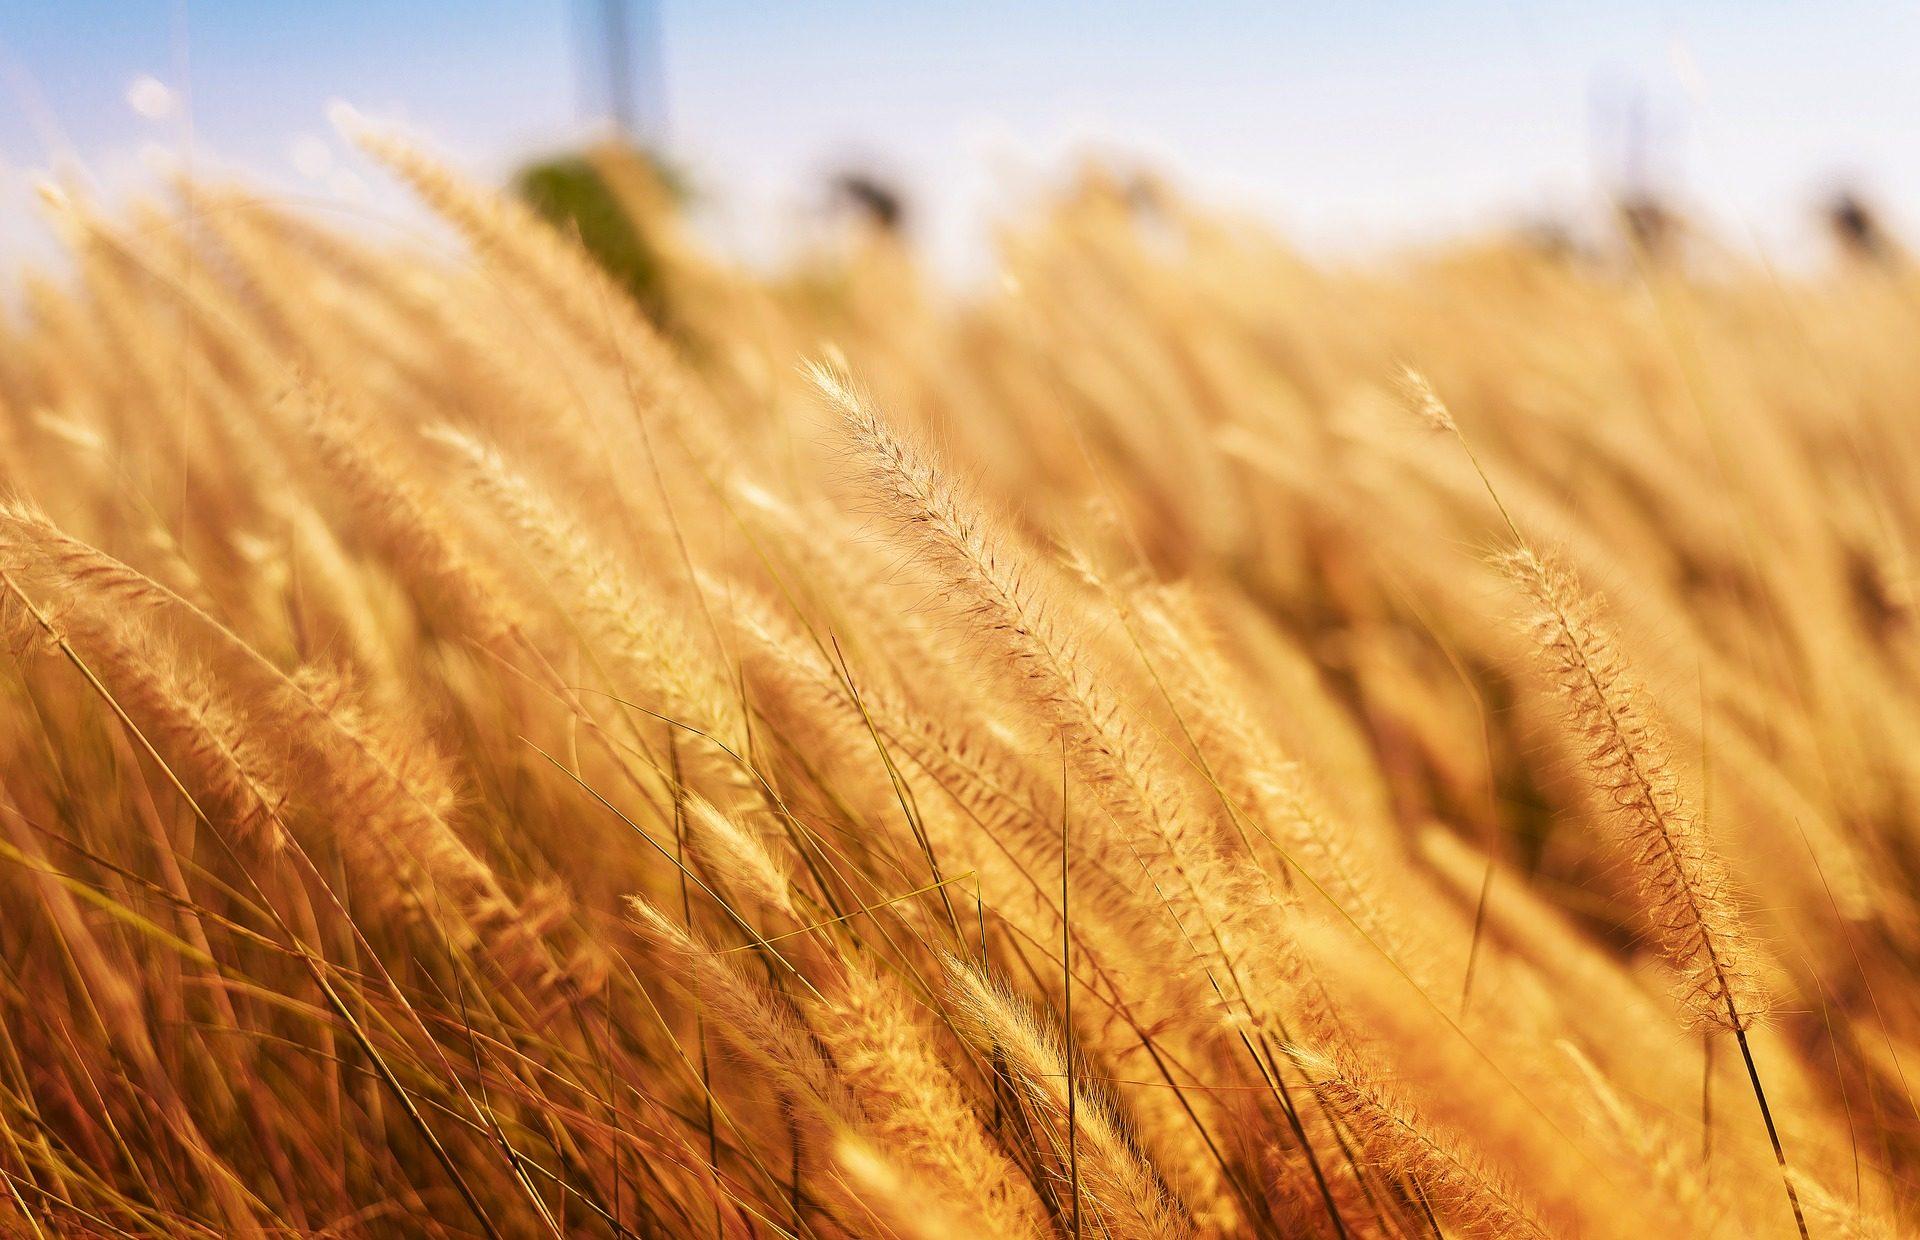 القمح, مزرعة, زراعة, المزرعة, الزراعة - خلفيات عالية الدقة - أستاذ falken.com